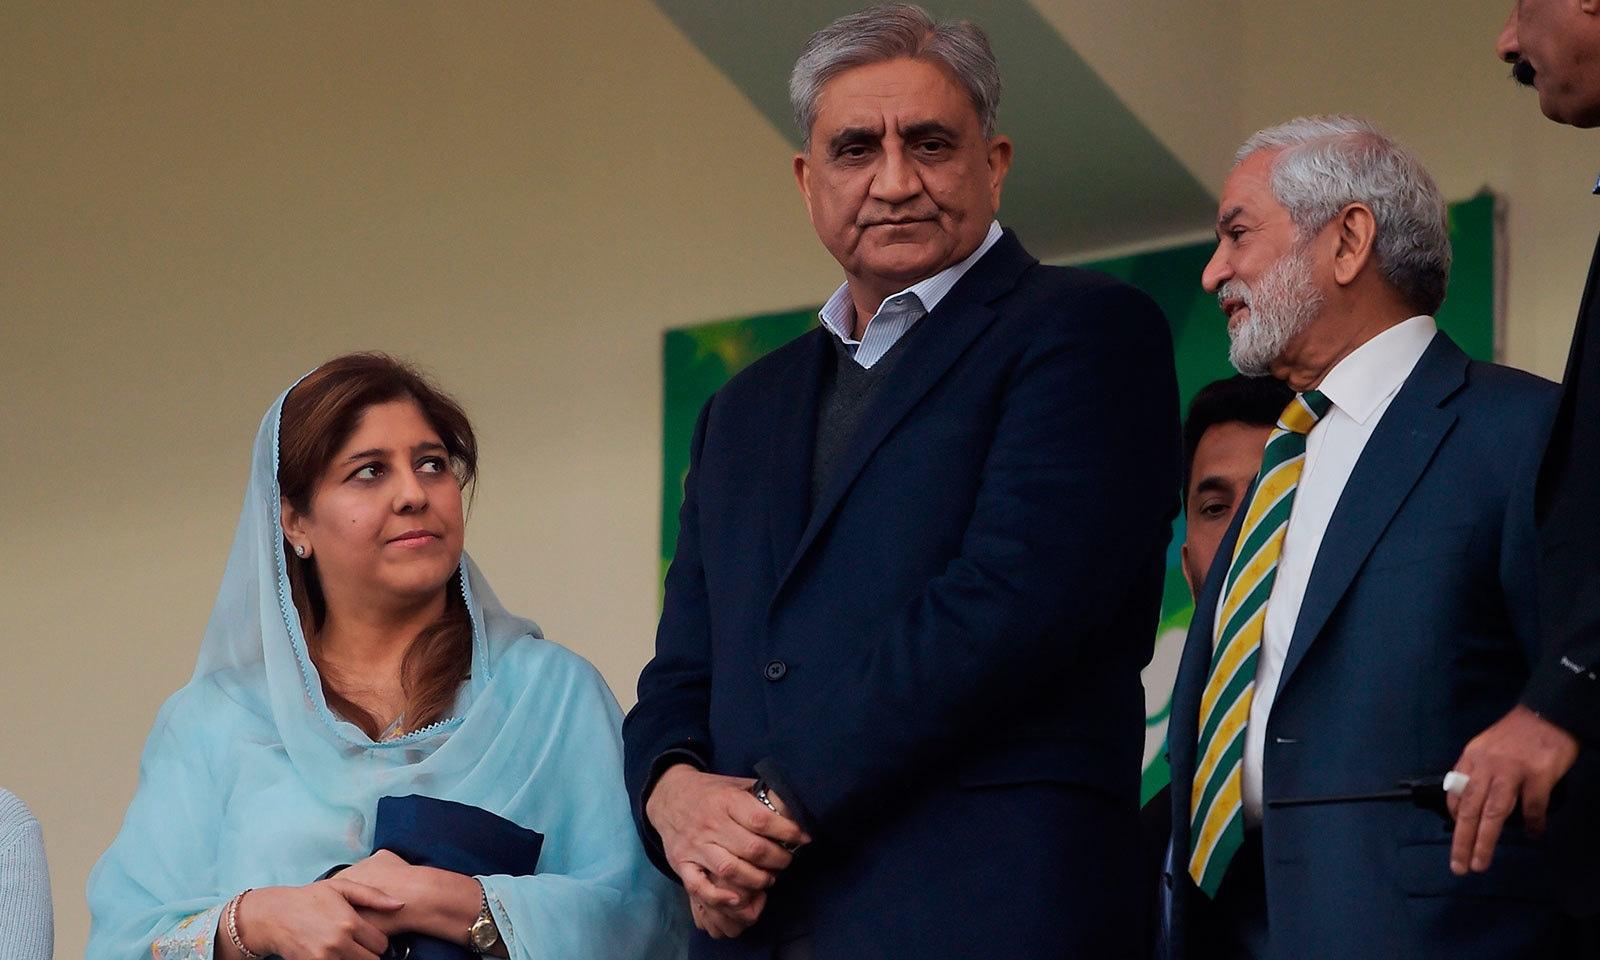 راولپنڈی کرکٹ اسٹیڈیم میں میچ دیکھنے کے لیے آرمی چیف جنرل قمر جاوید باجوہ بھی احسان مانی کے ہمراہ موجود تھے—فوٹو:اے ایف پی